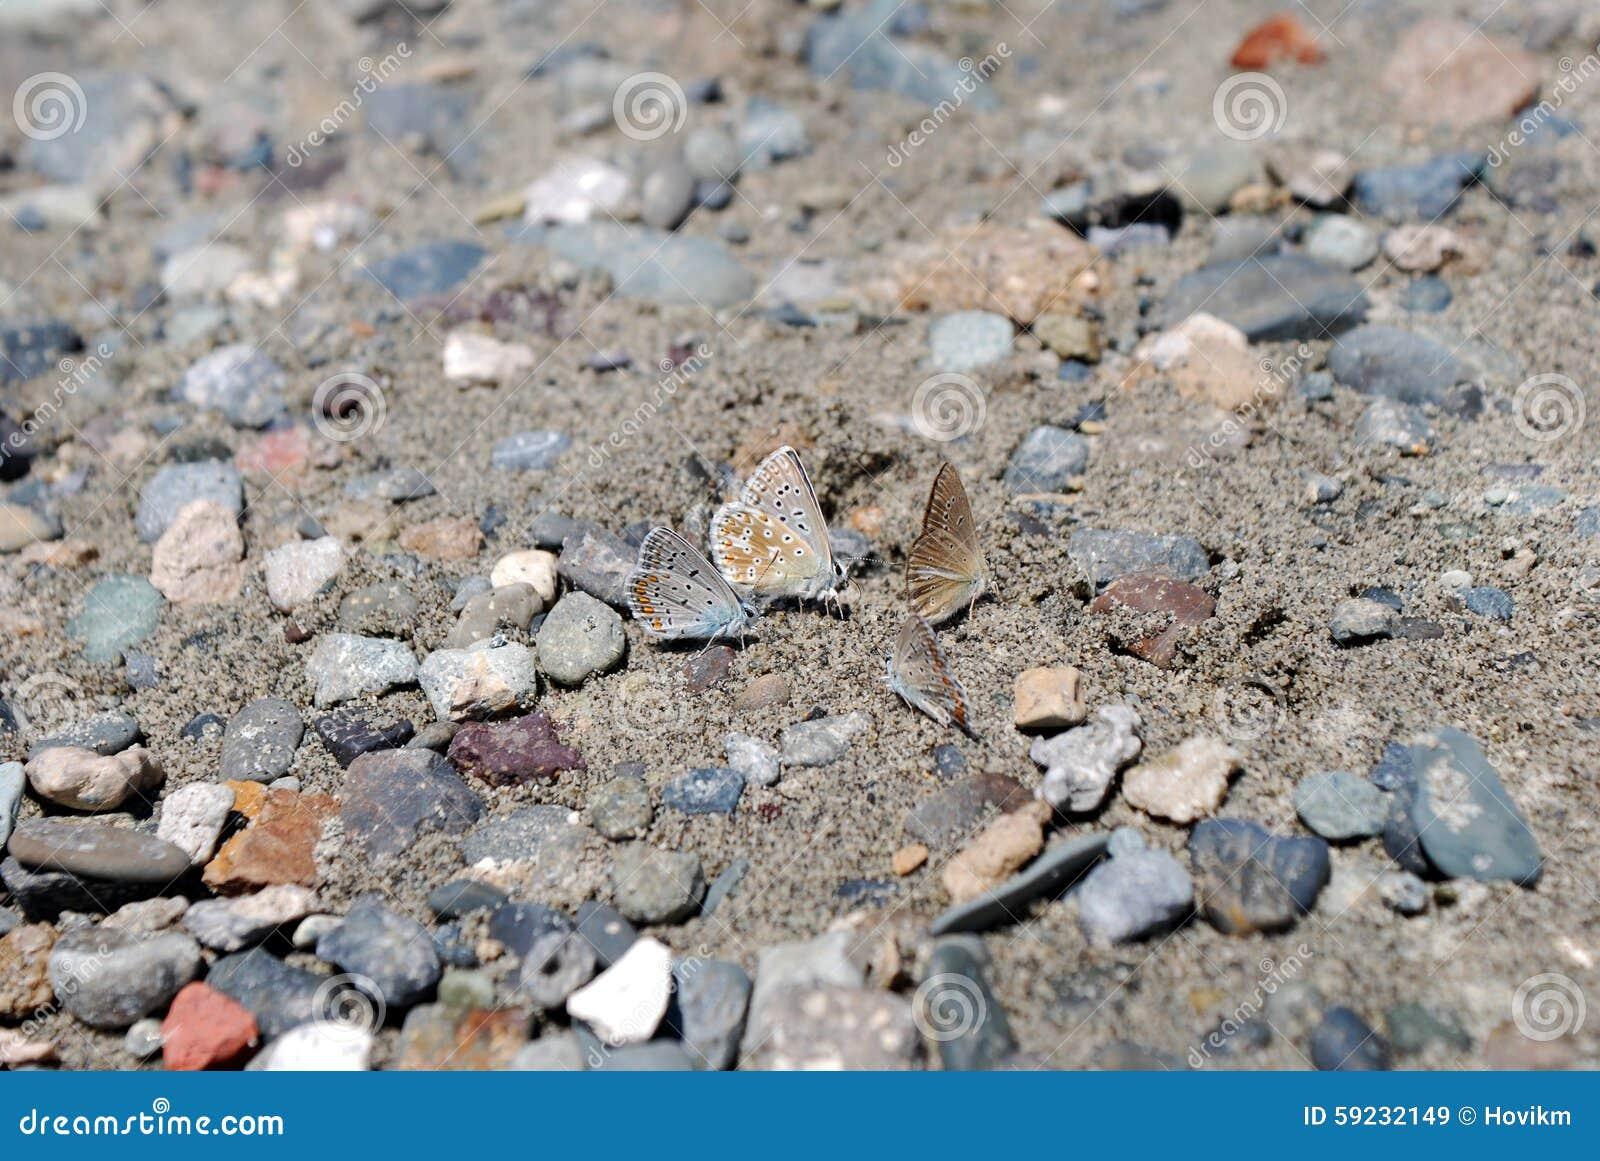 Mariposas de Foure en la arena y las piedras